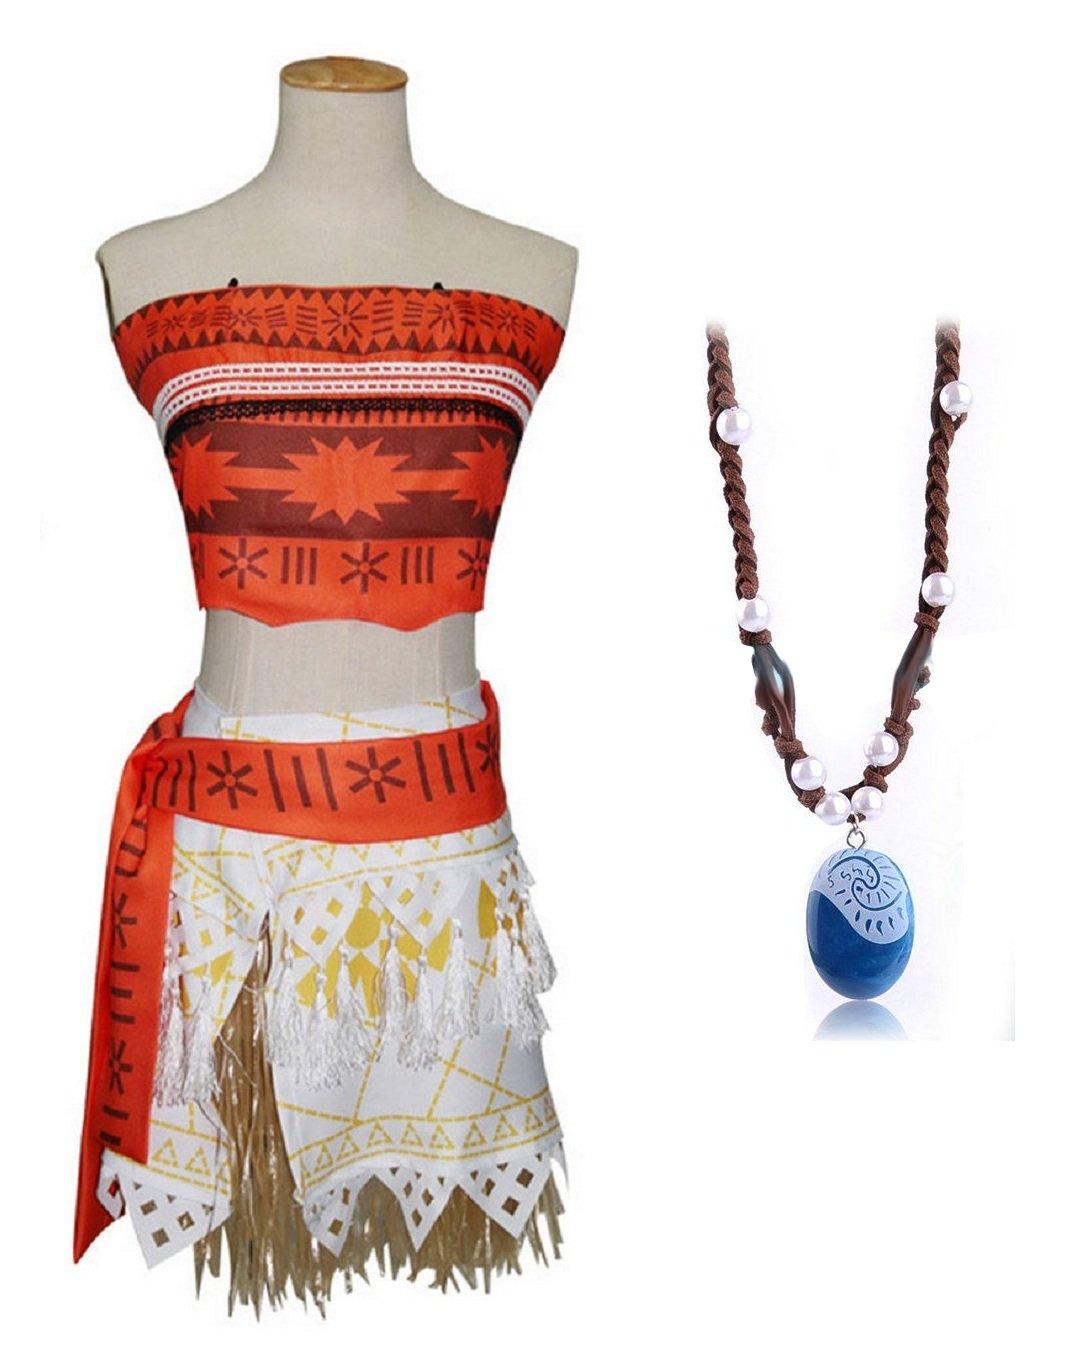 Inception Pro Infinite ( Taglia 150 ) Costume Completo - Include la Collana di Vaiana Moana - Bambina - Carnevale - Halloween - Travestimento - Cosplay